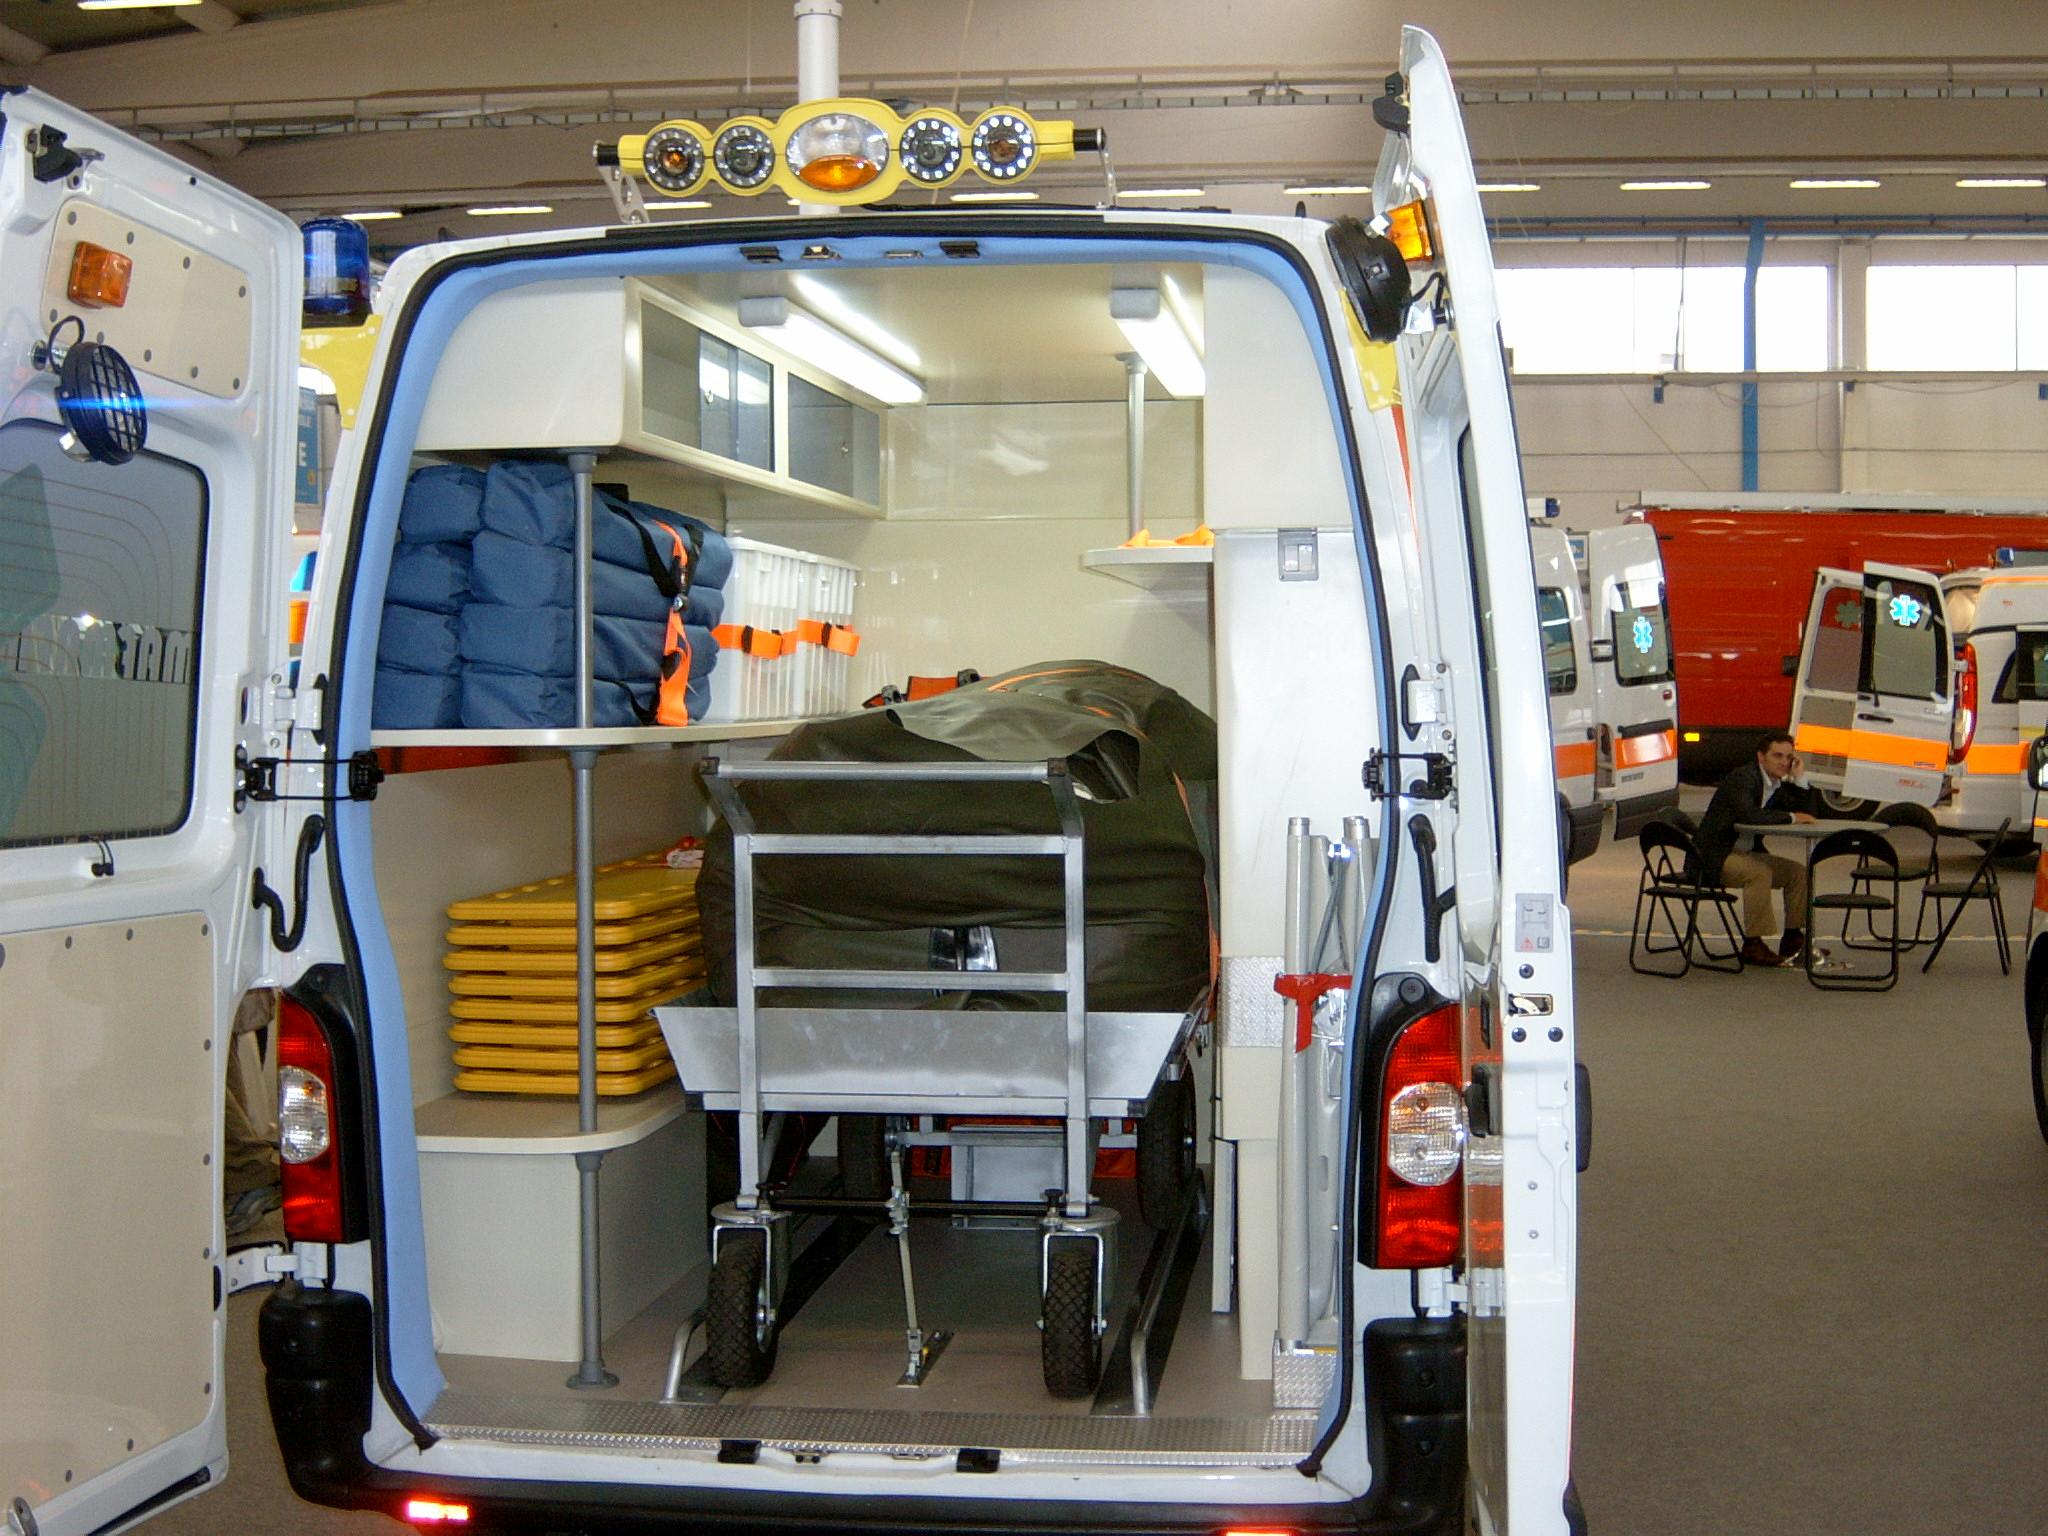 Foto 114: Renault Master con allestimento maxiemergenze ed alloggiamento per una eventuale barella per poter utilizzare la macchina come ambulanza una volta tolta l'attrezzatura di cui è dotato – foto ADg